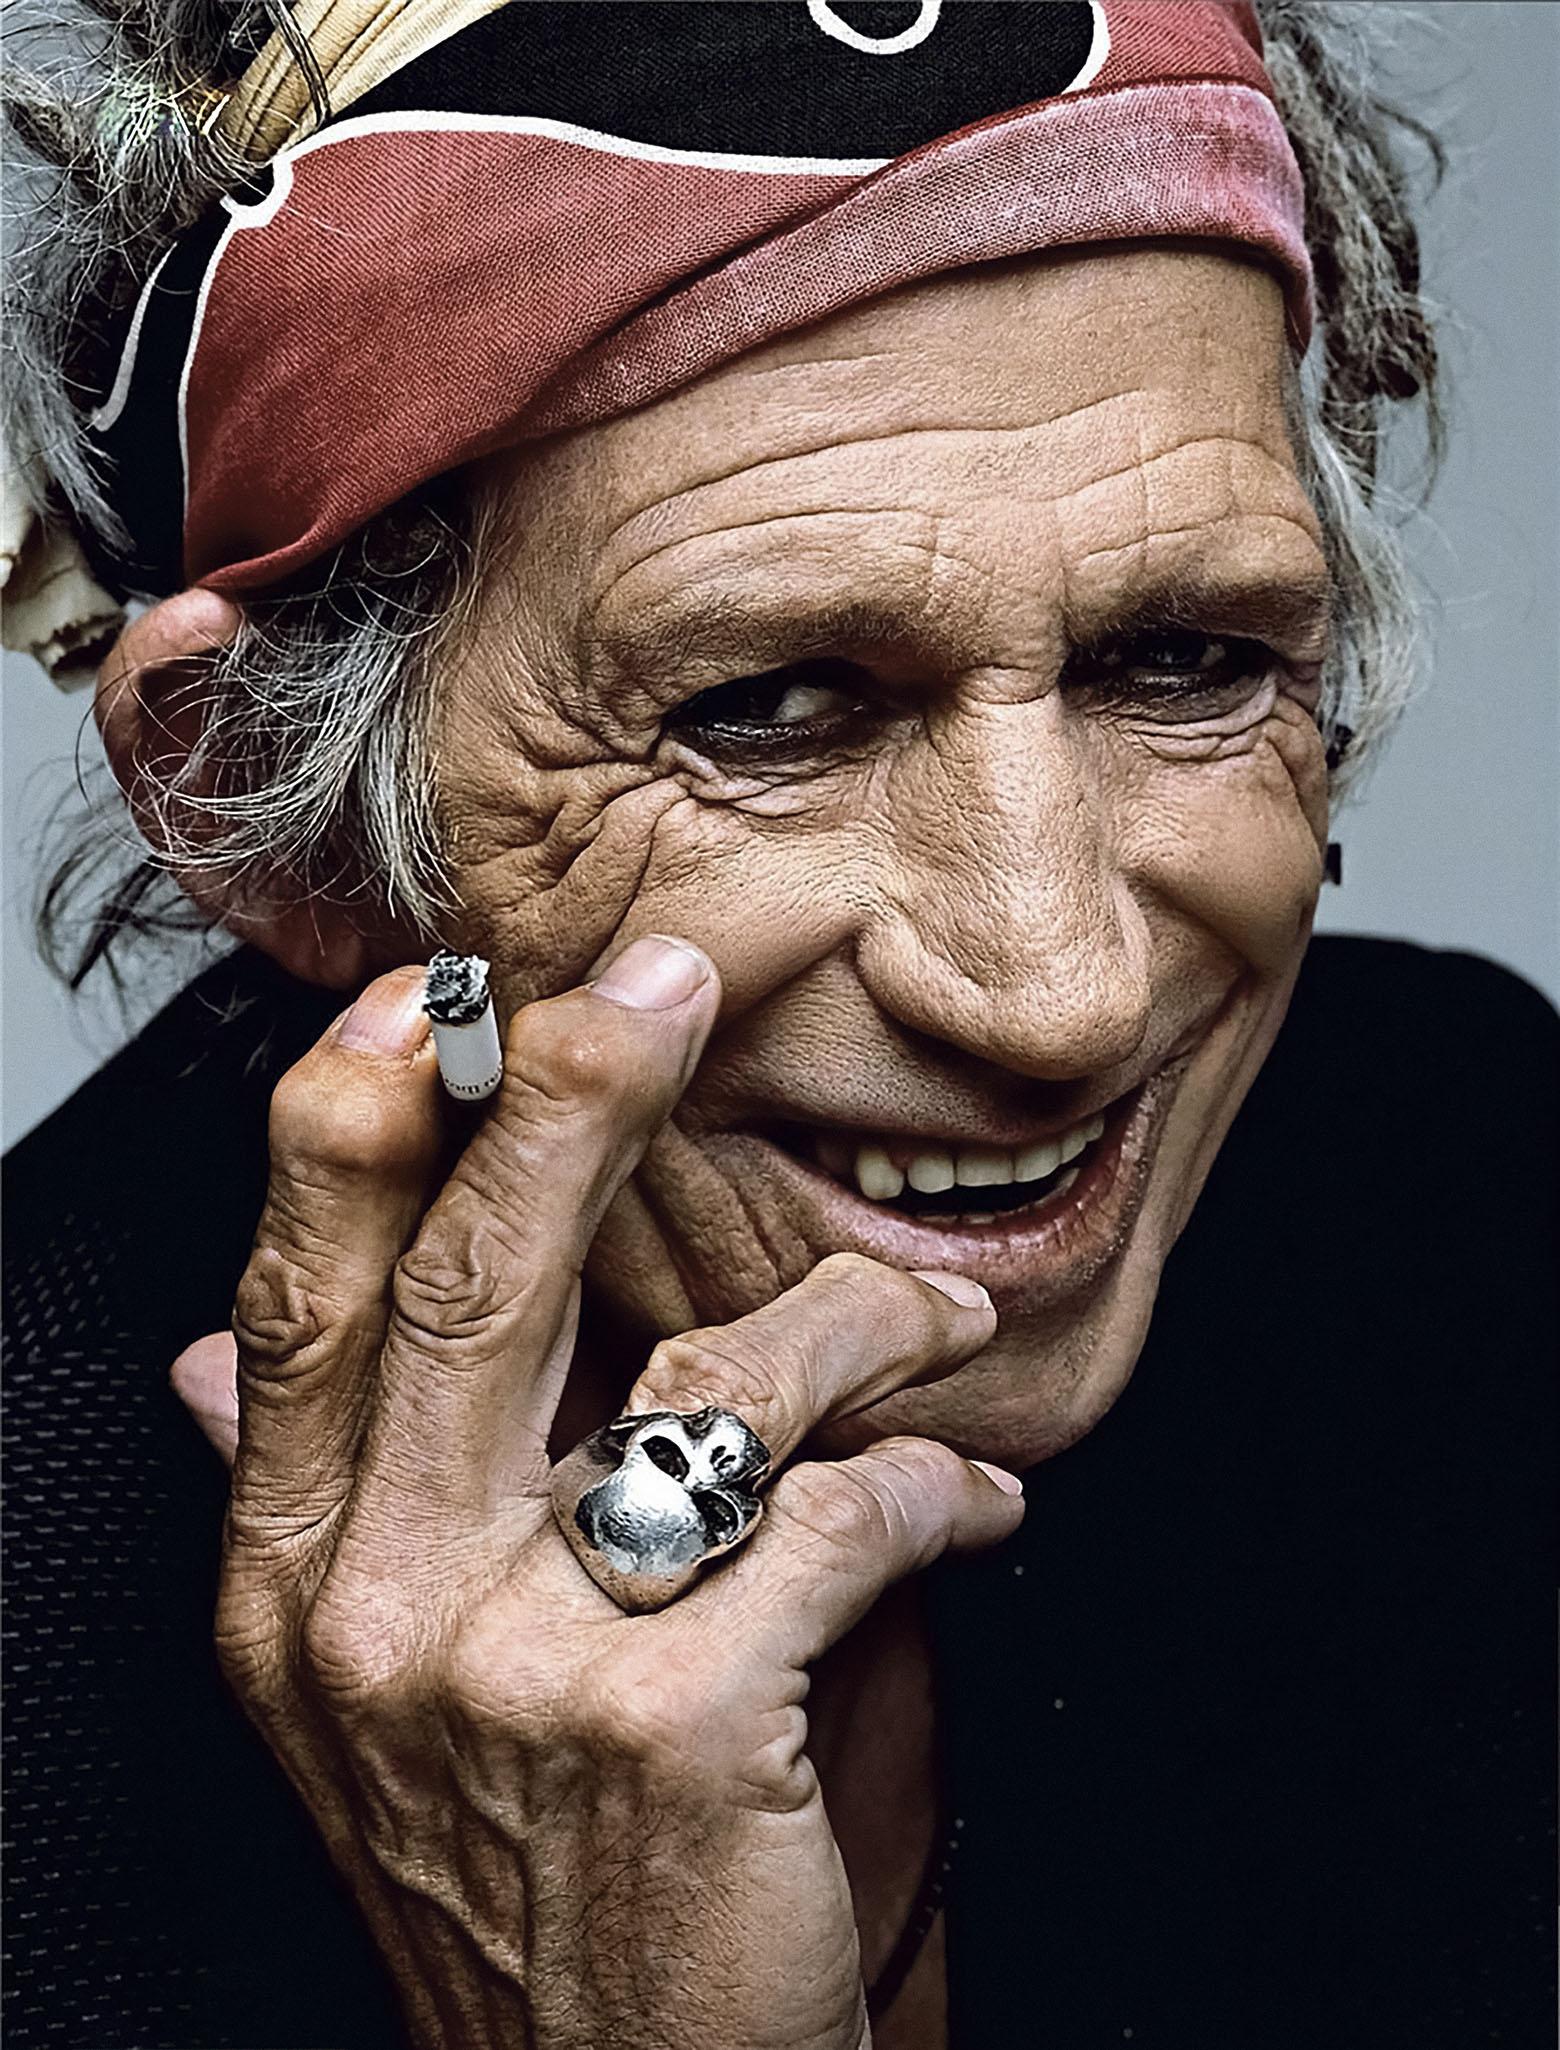 Музыкант Кит Ричардс: «Непонятно, зачем над собой измываться, когда можно жить самой обычной жизнью рок-звезды»